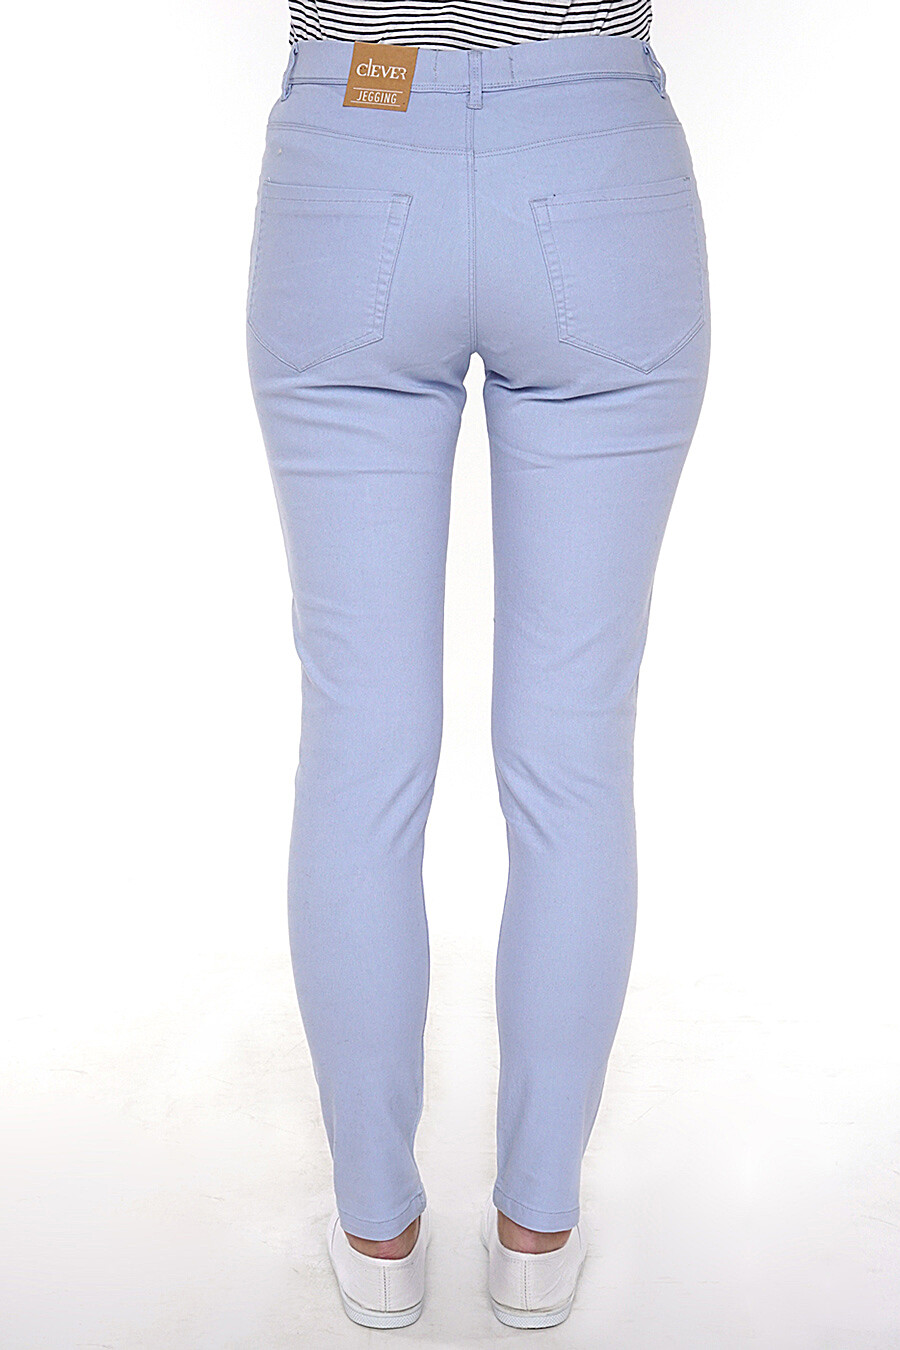 Джинсы для женщин CLEVER 158395 купить оптом от производителя. Совместная покупка женской одежды в OptMoyo